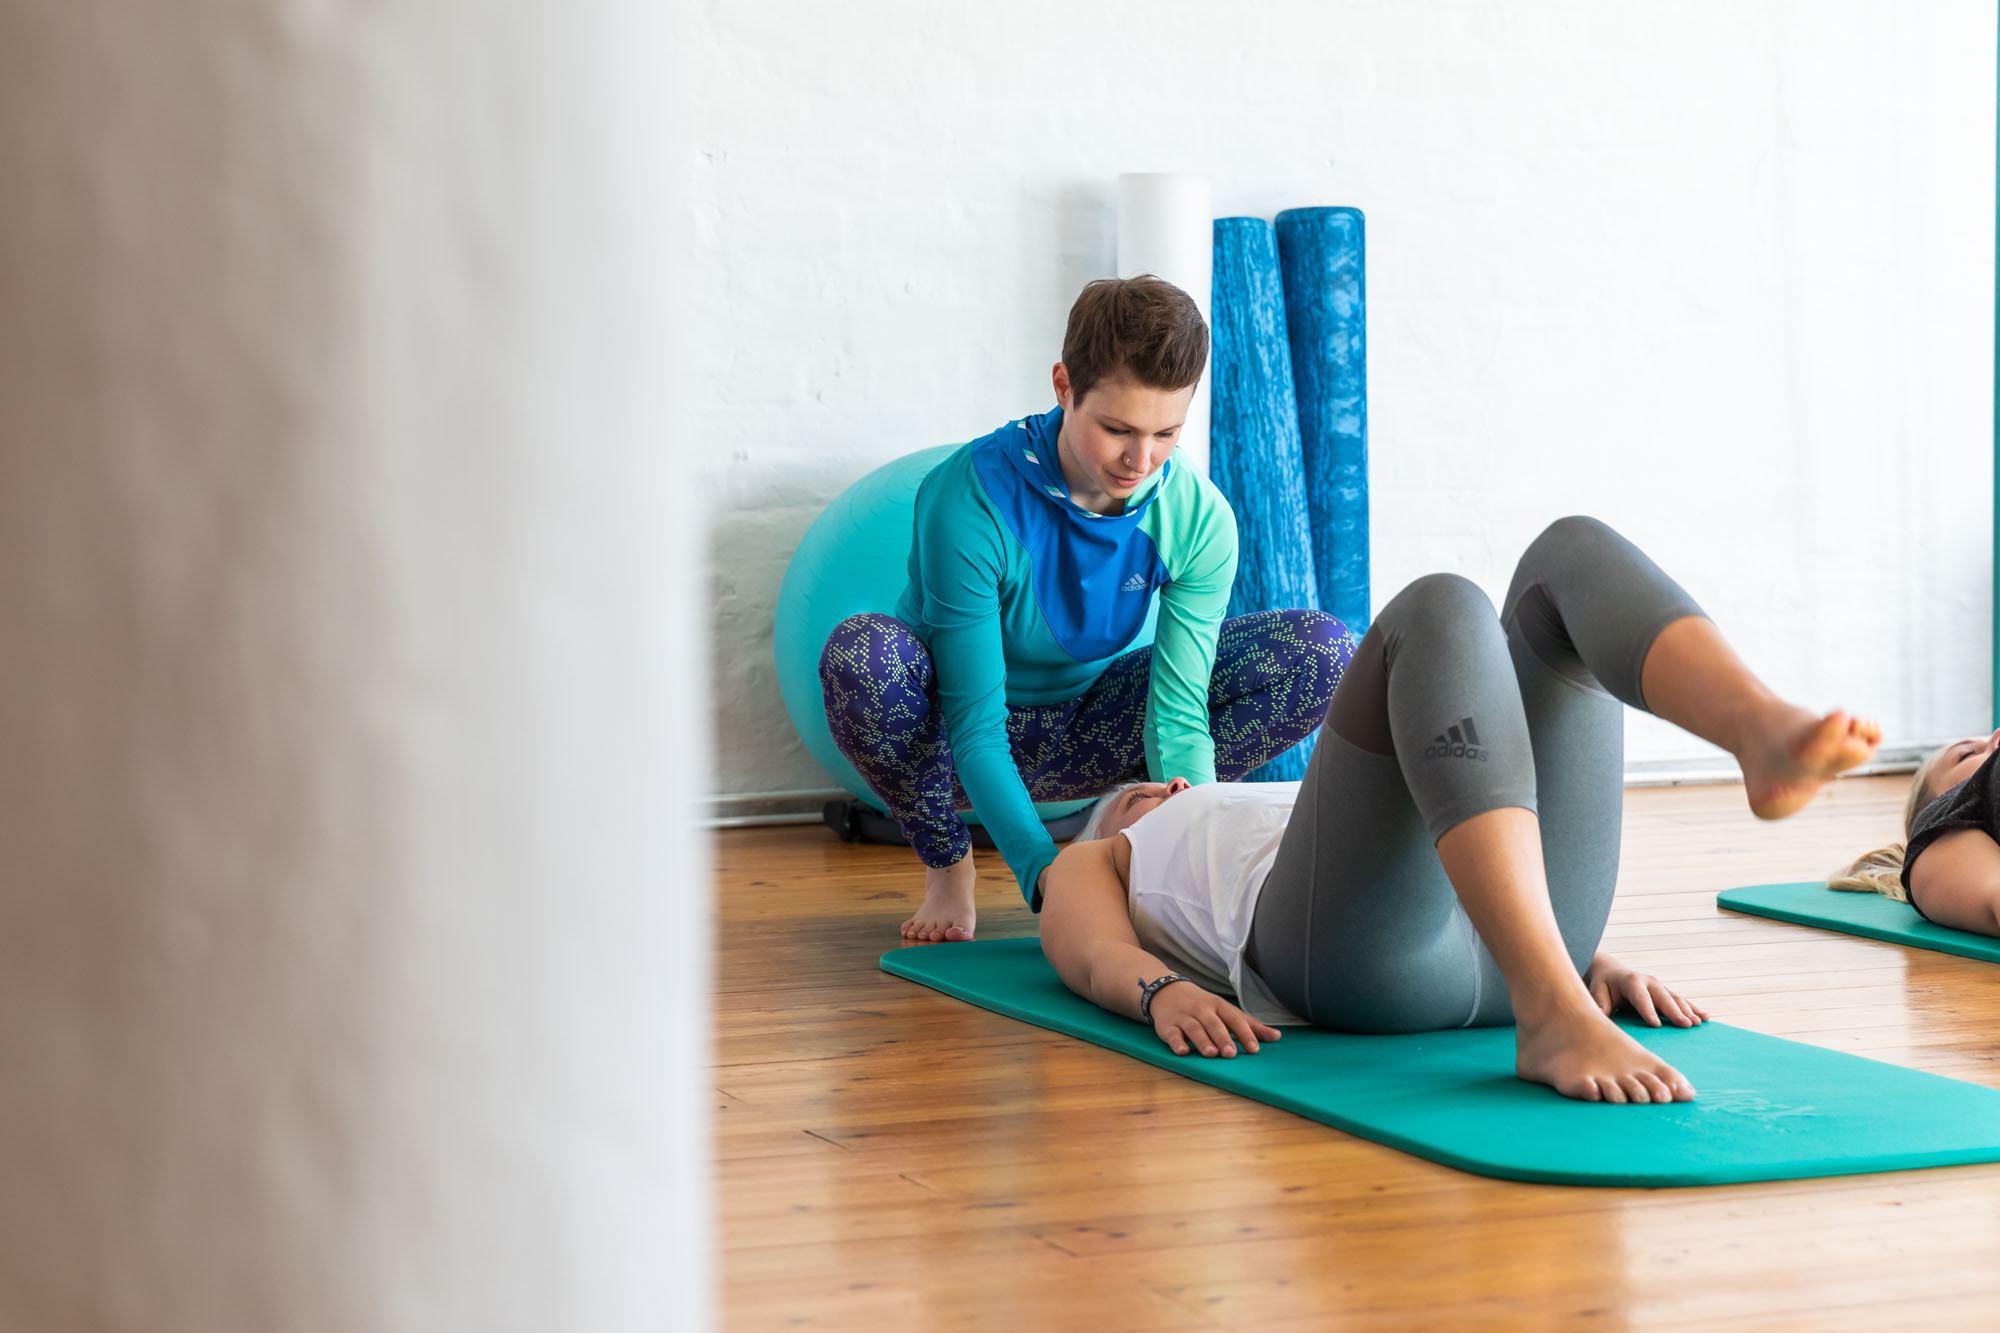 Bei Pure Balance stehen drei helle Trainingsräume mit hohen Decken und Dielenböden für das Training zur Verfügung. Foto: Pure Balance